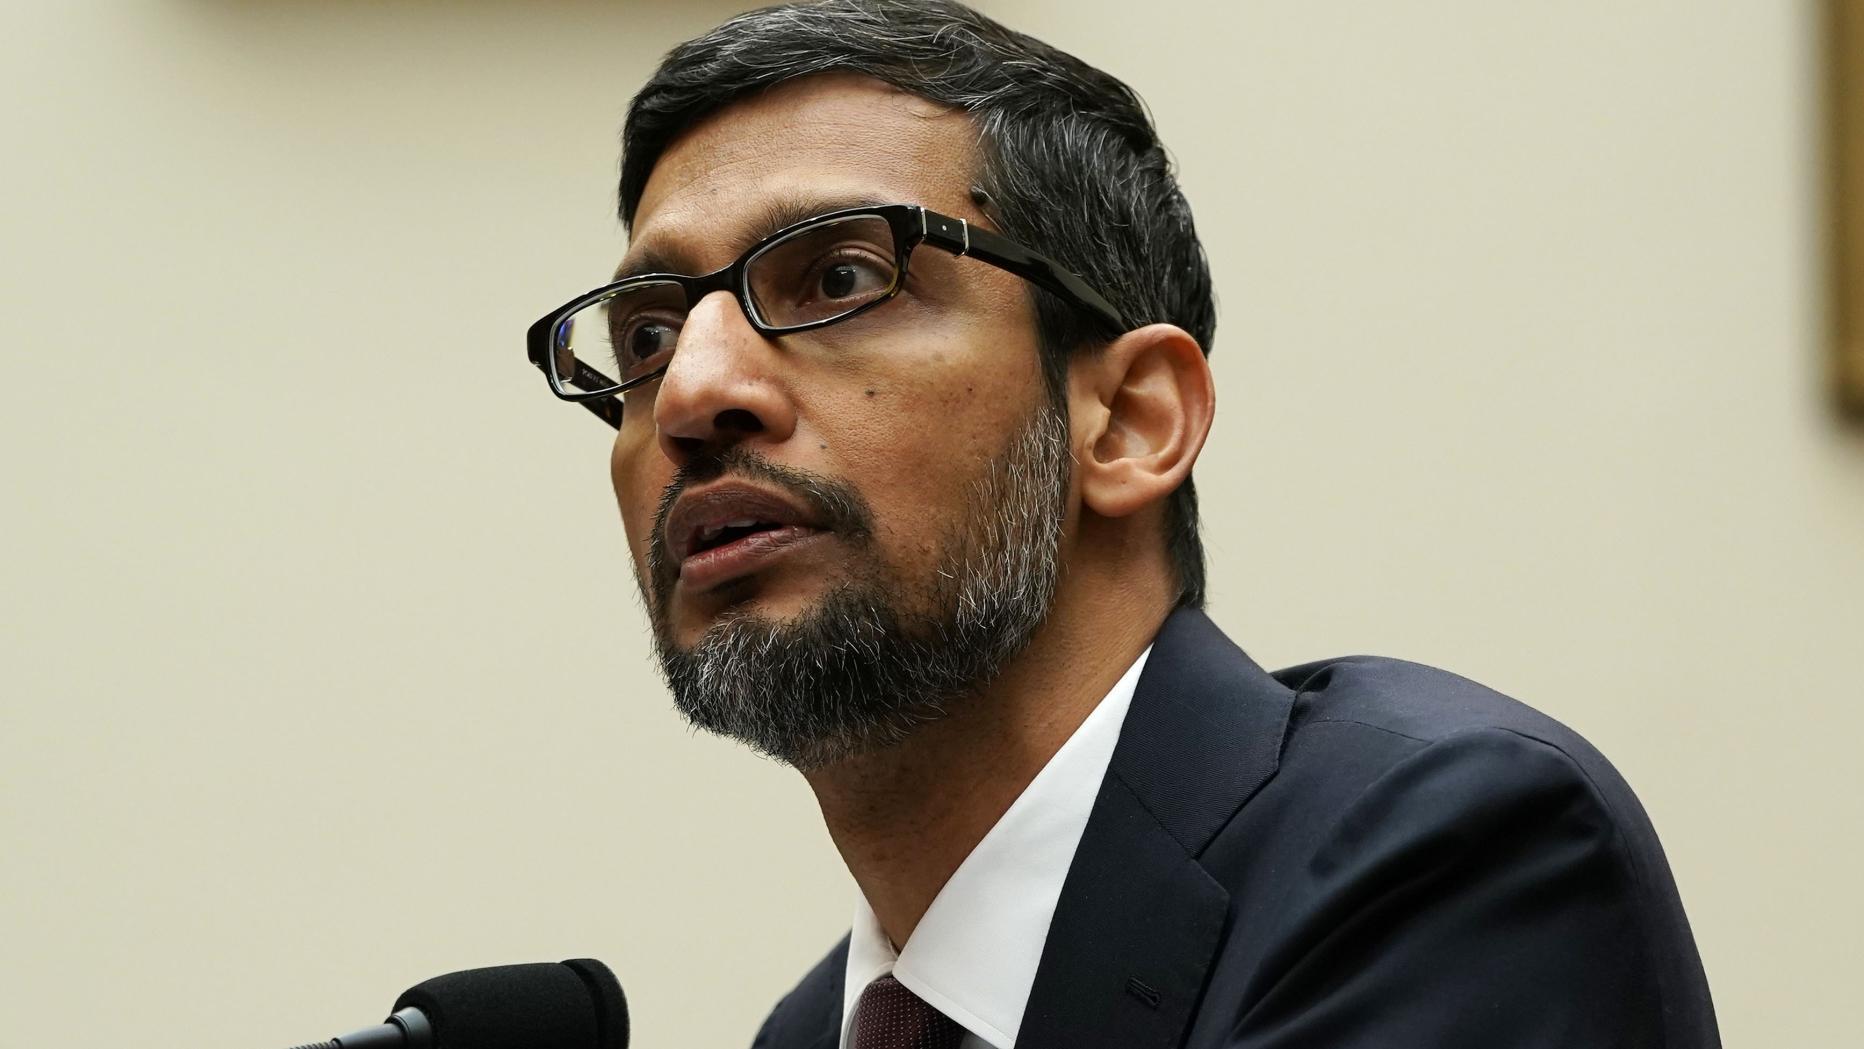 Sundar Pichai: Keine Google-Pläne für Expansion nach China